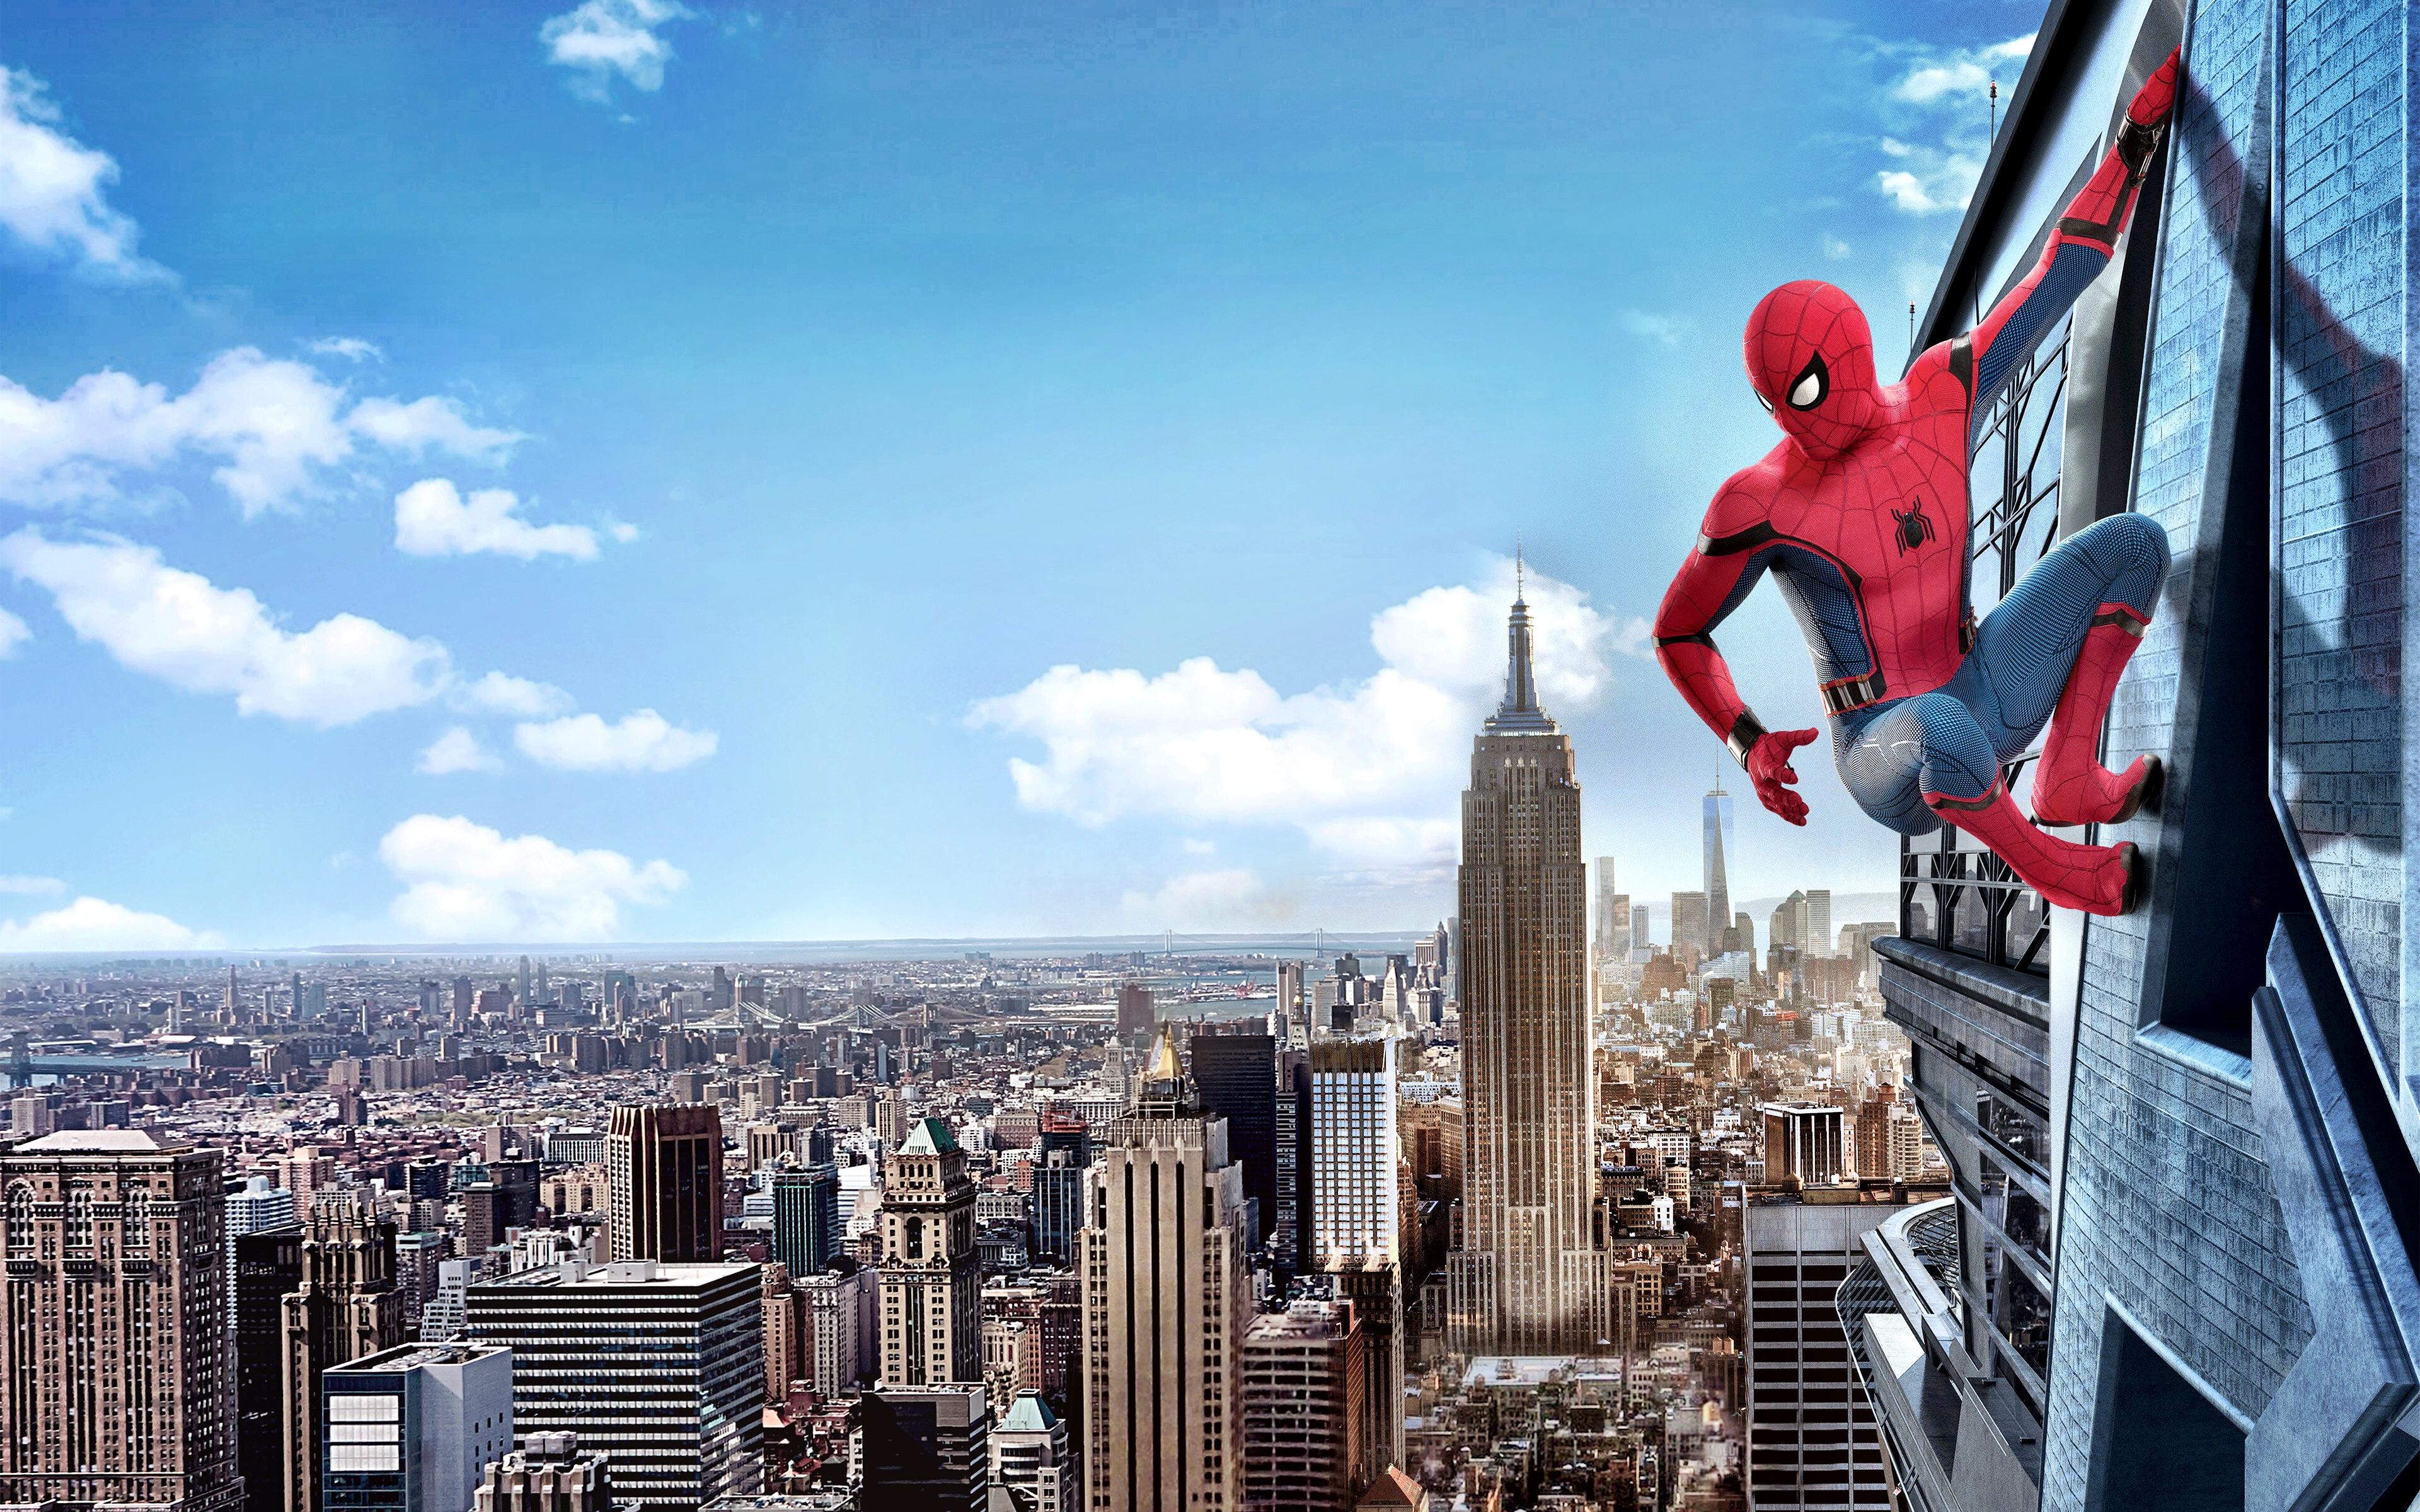 Человек-паук возвращение кино 4к. обои скачать